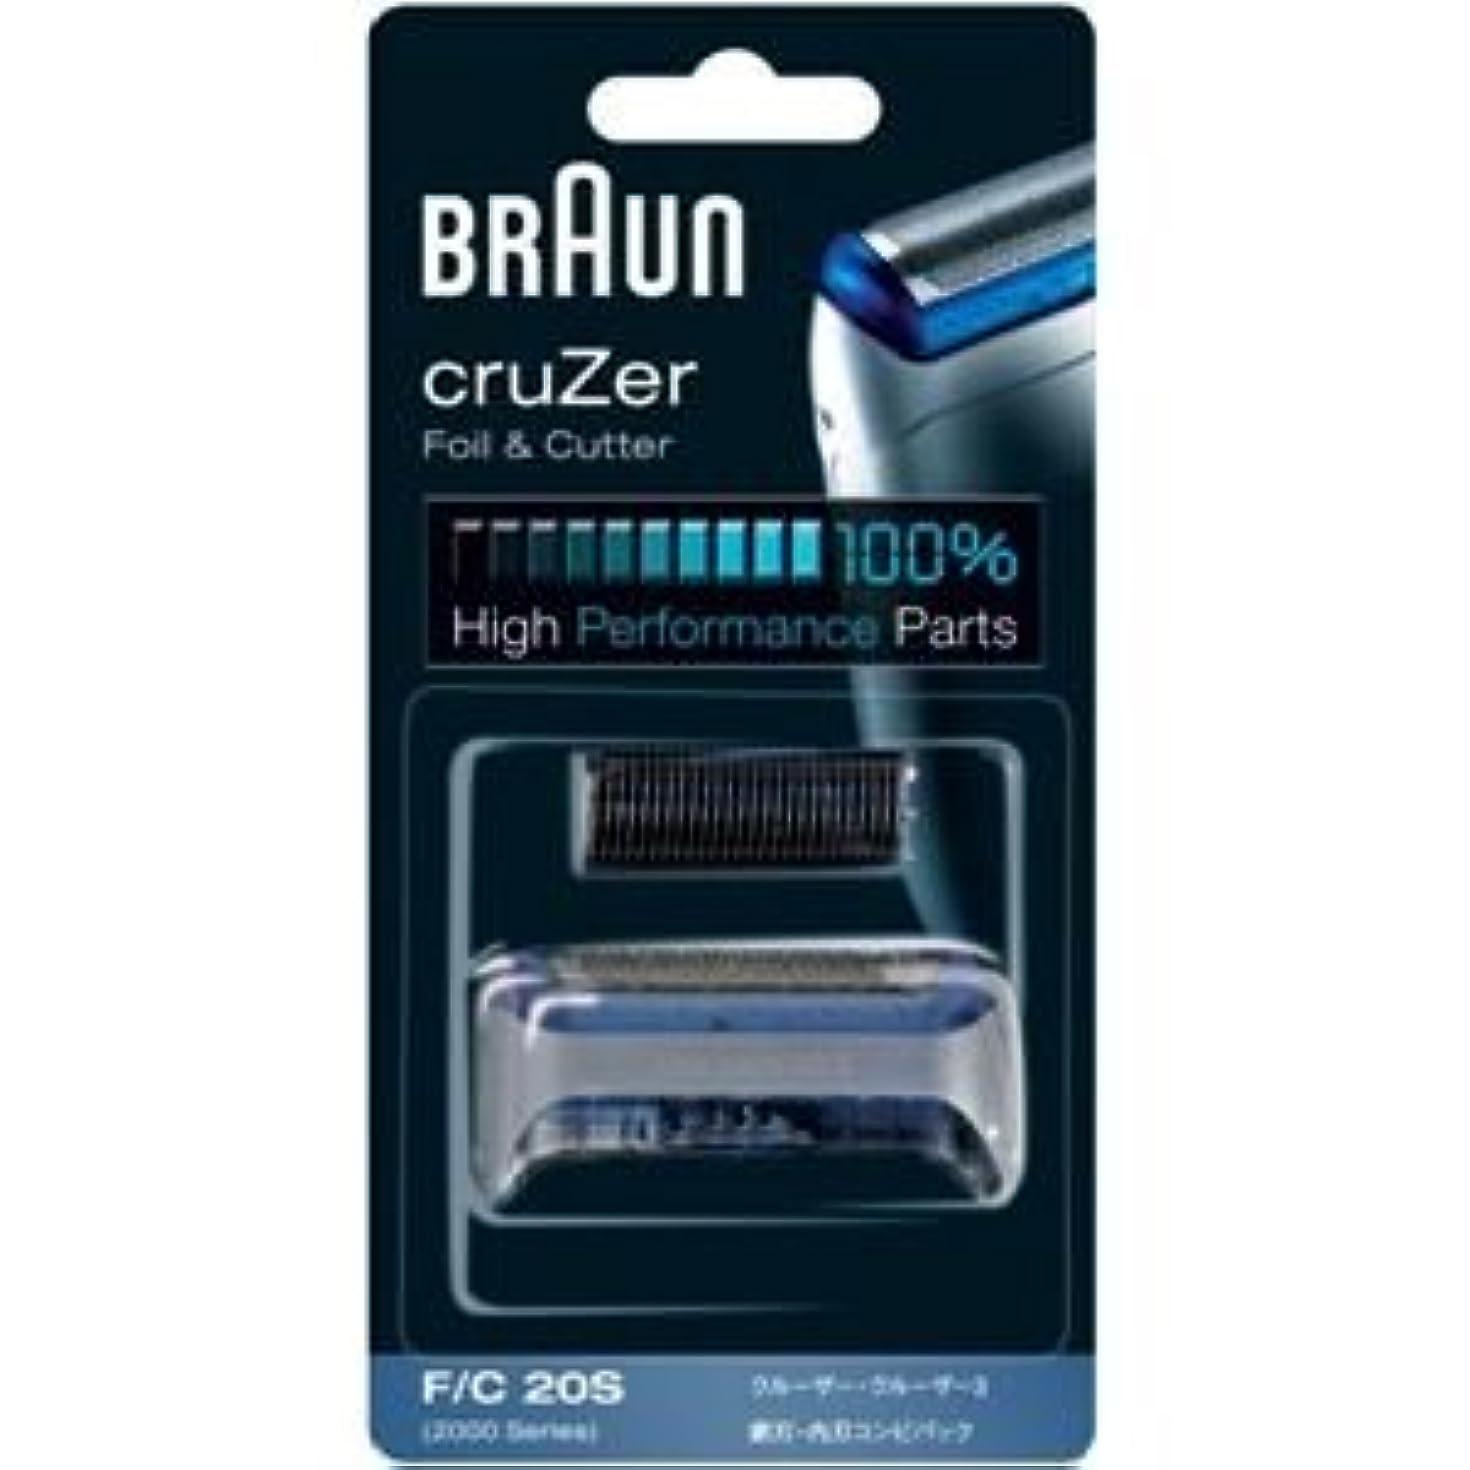 垂直分離する小切手Braun 20S フォイルカッターの交換パック(2000シリーズクルーザー)